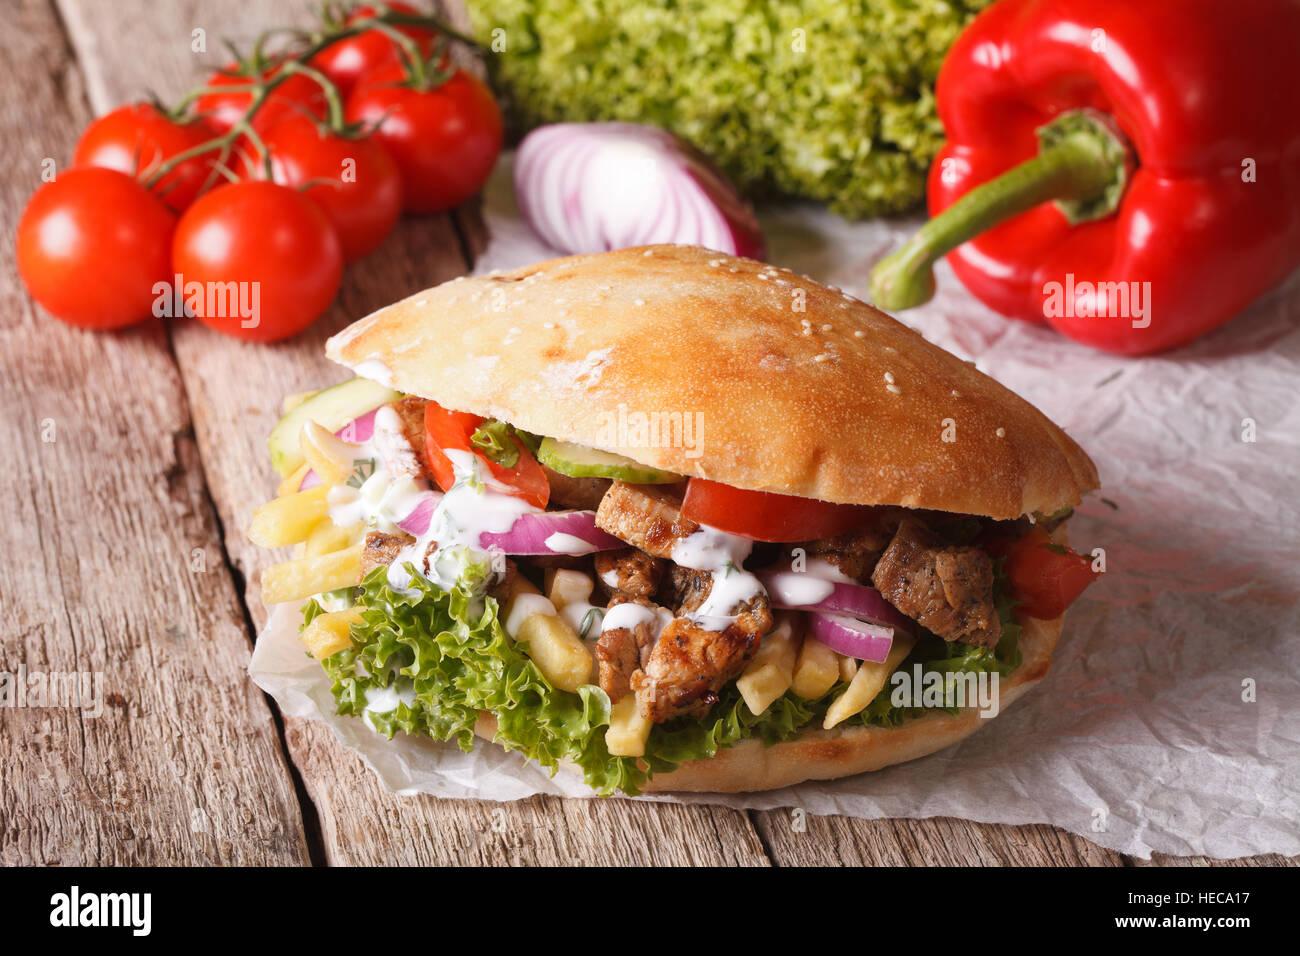 Fast Food: kebab con carne, verduras y patatas fritas de cerca en la tabla horizontal. Imagen De Stock